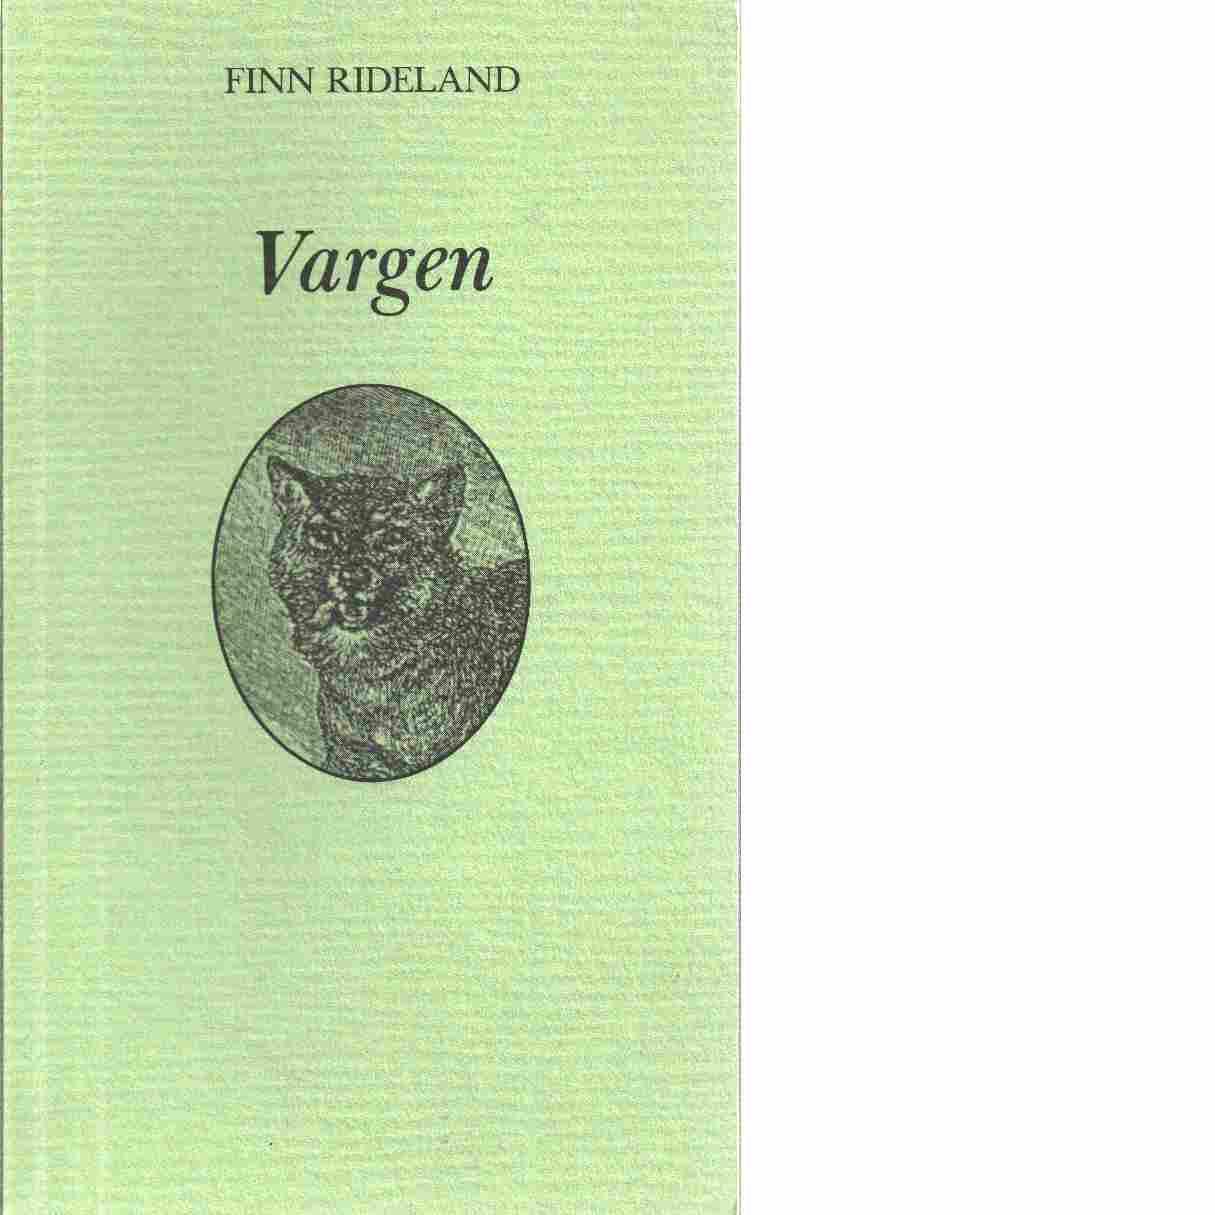 Vargen - Rideland, Finn